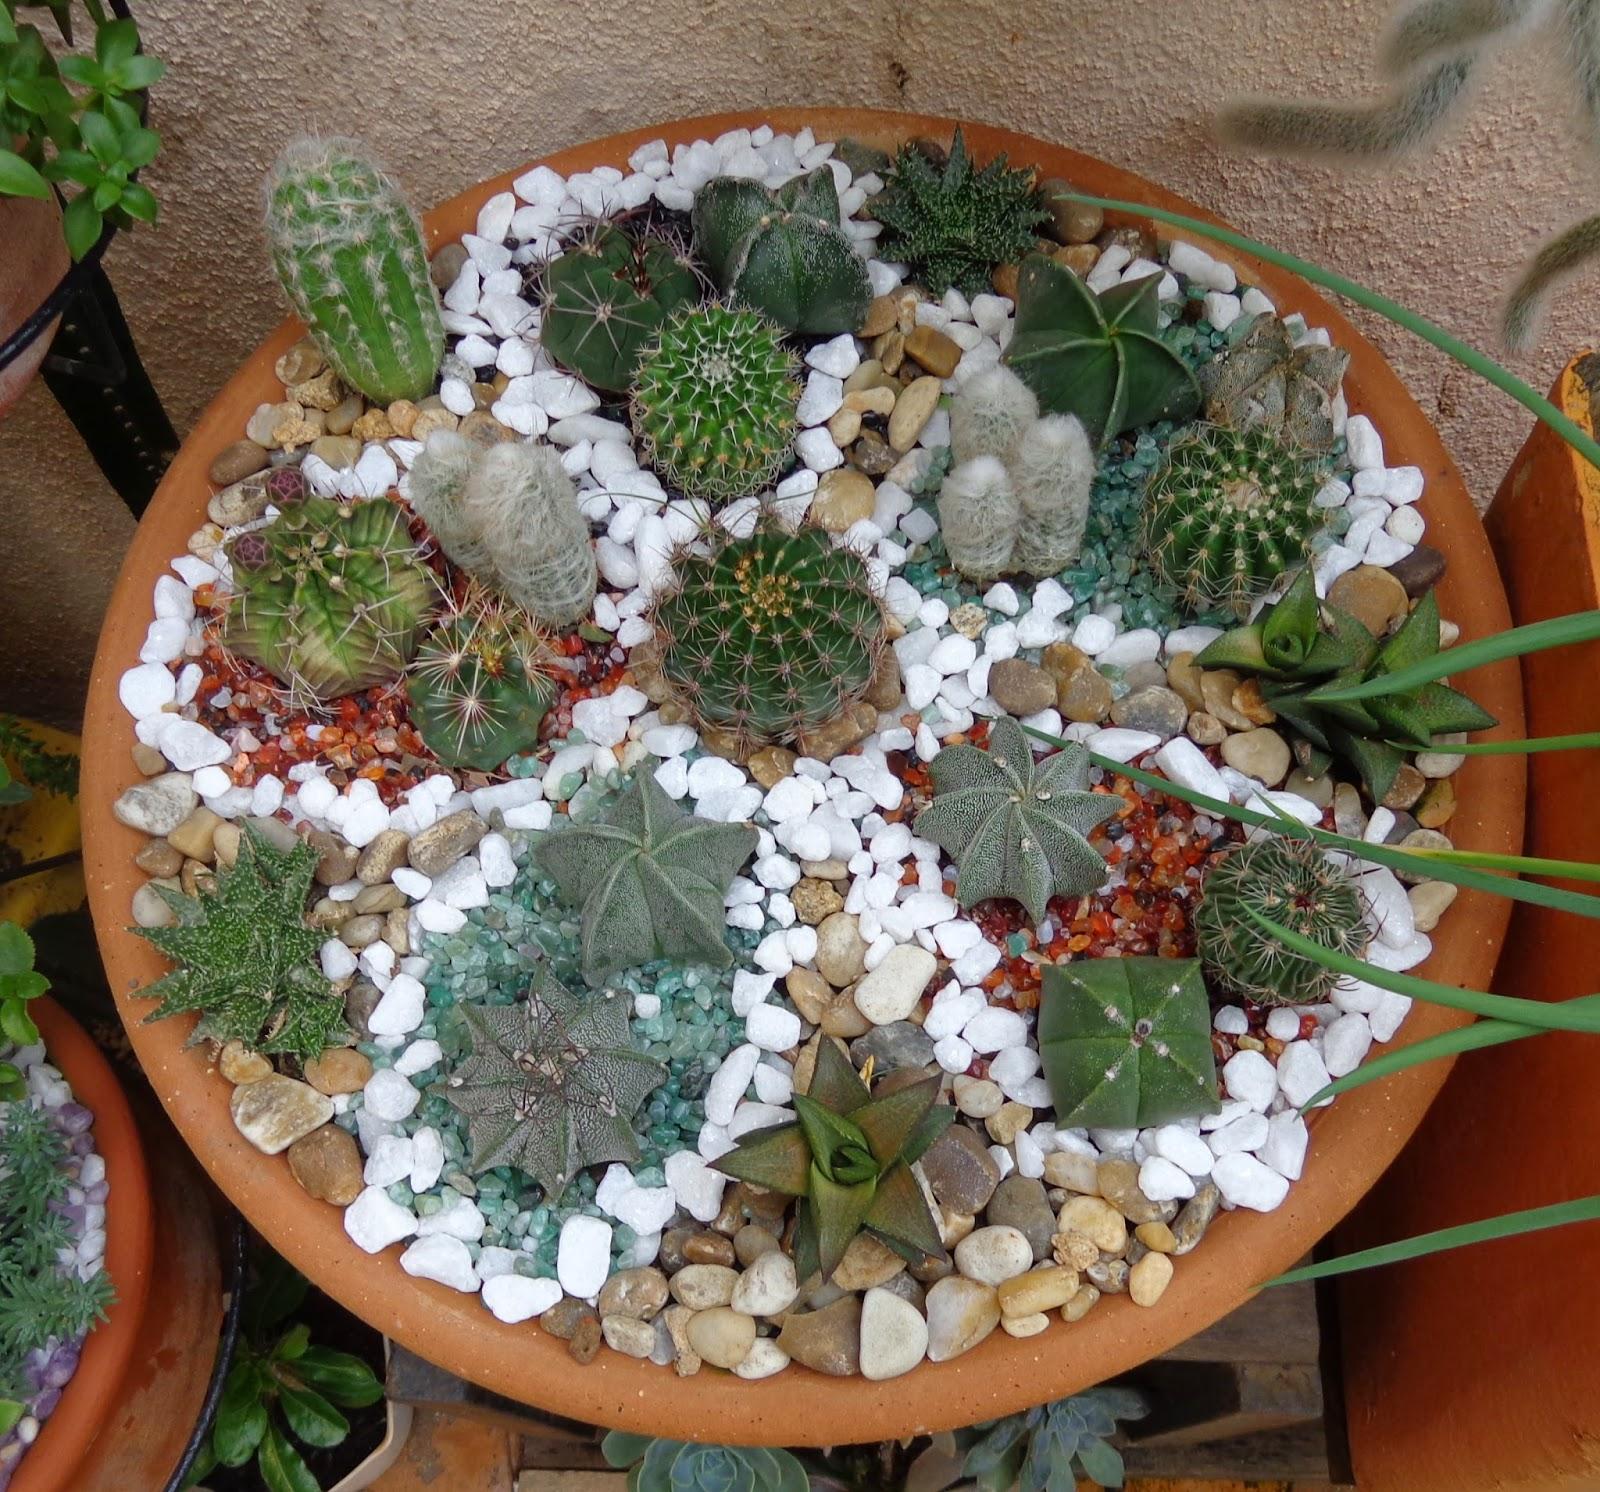 plantas de jardim que gostam de umidade : plantas de jardim que gostam de umidade:Mitos sobre cactos e suculentas – Diário de uma Sementeira